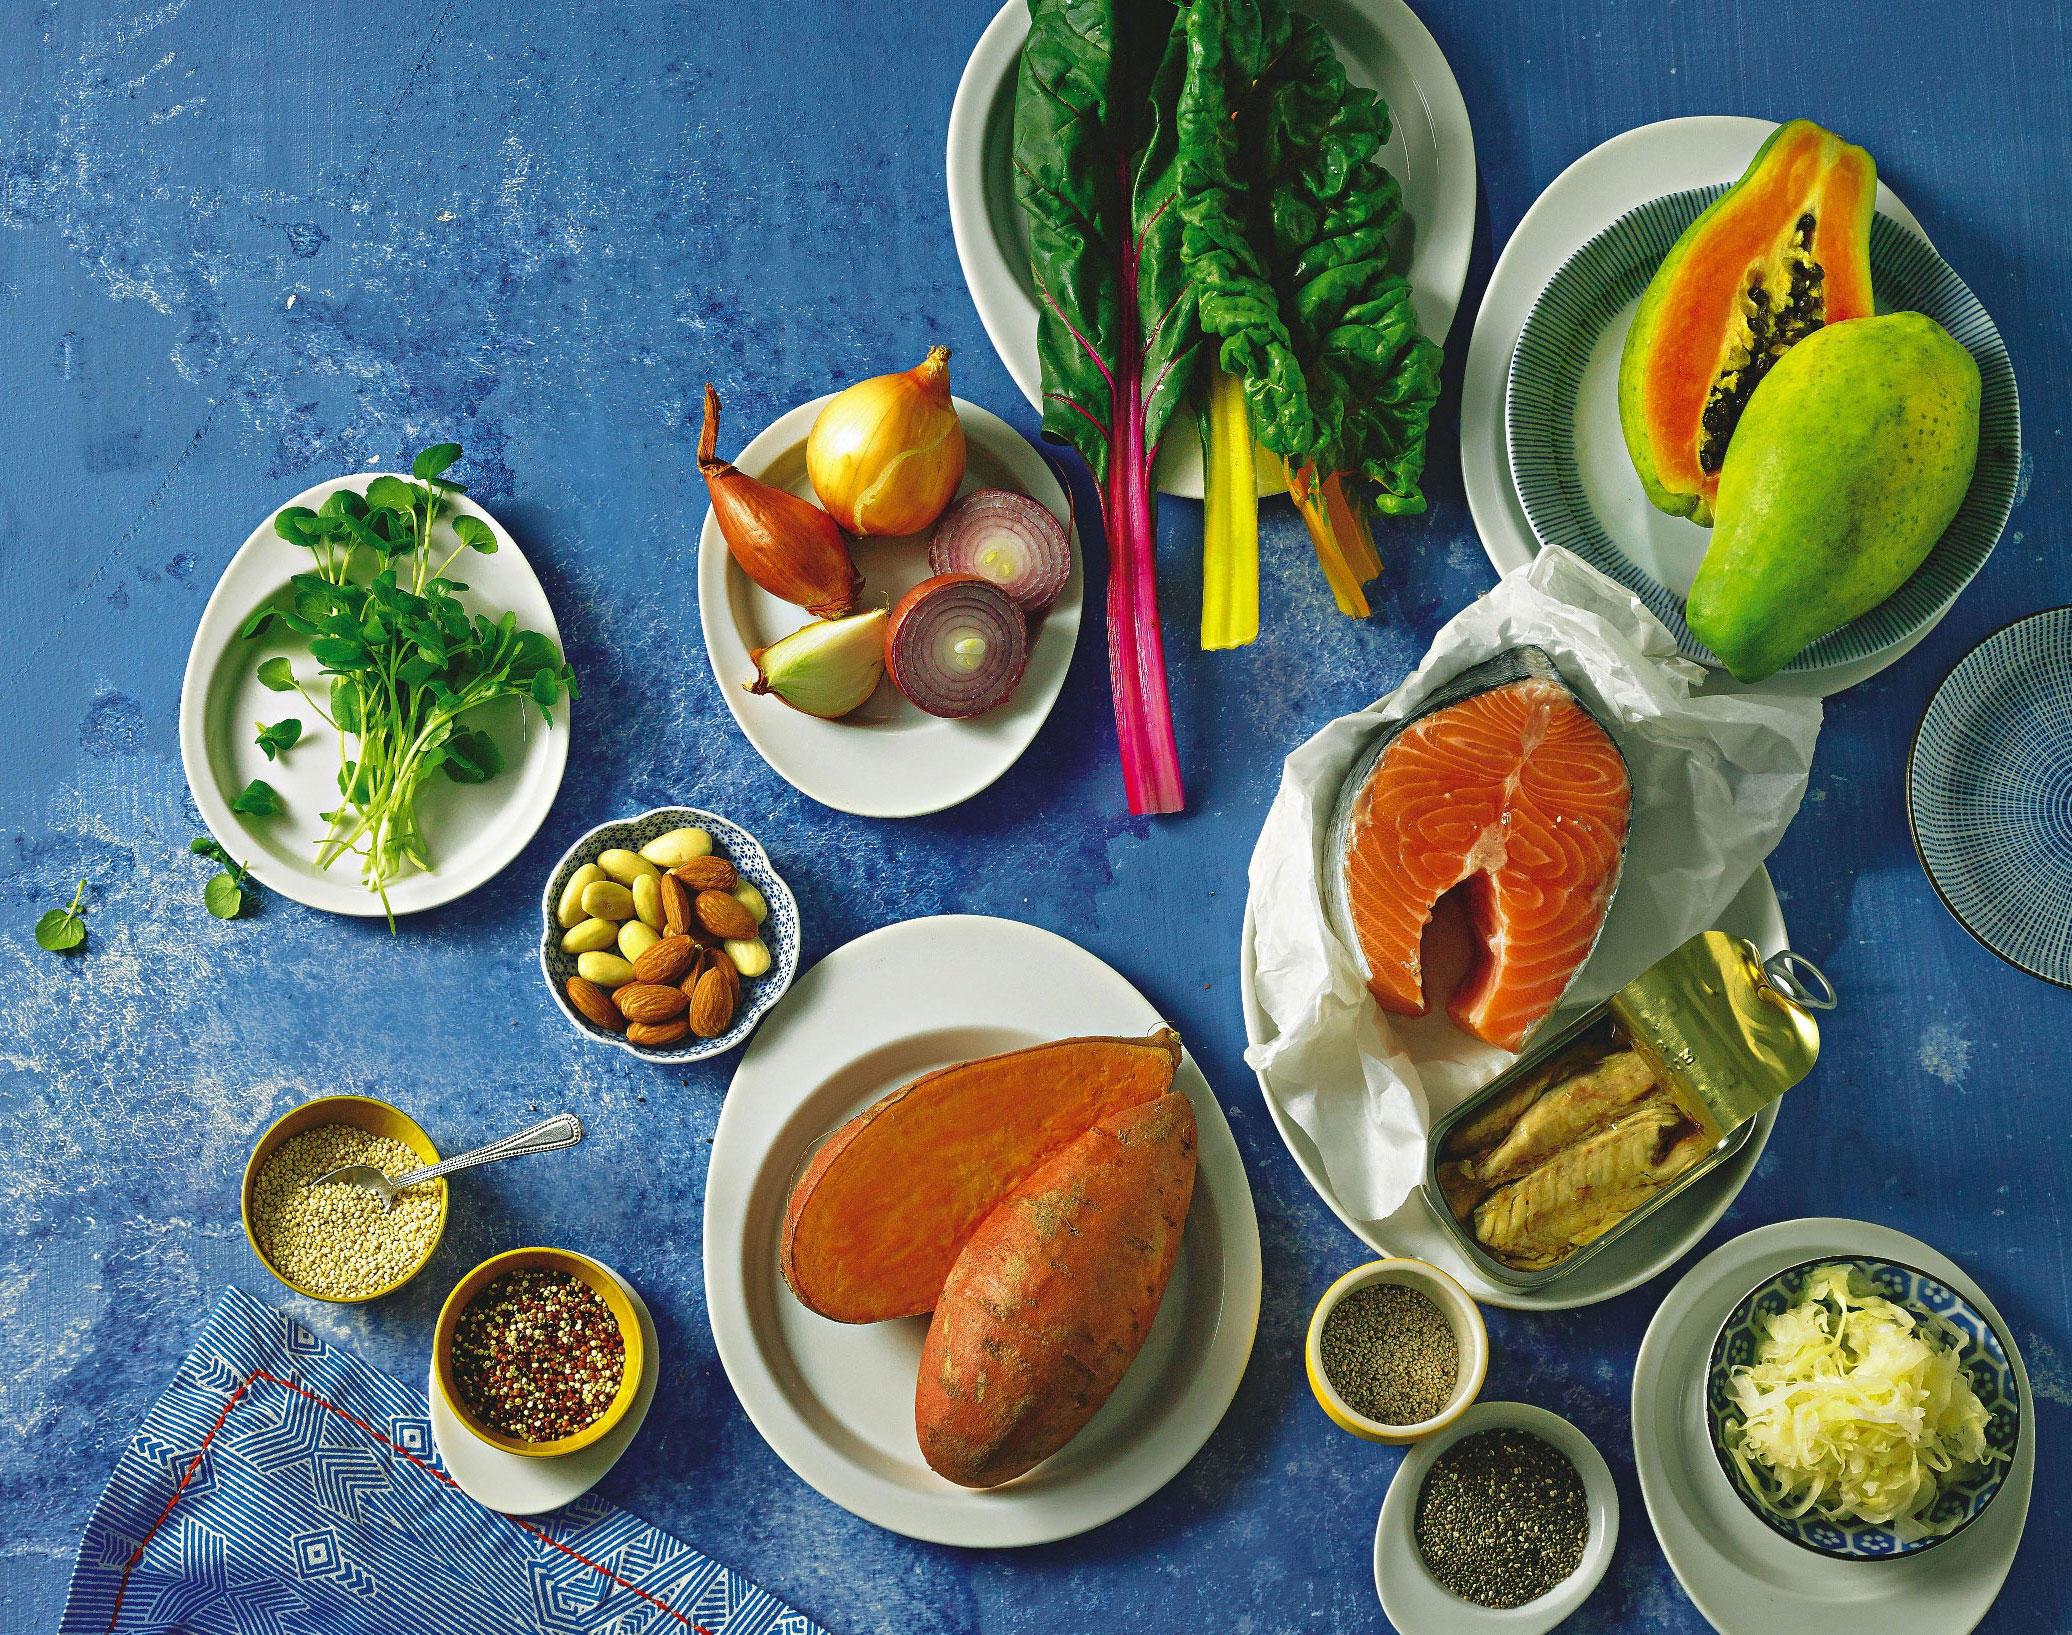 rezepte: die superfood-diät mit 7-tage-plan zum abnehmen | brigitte.de